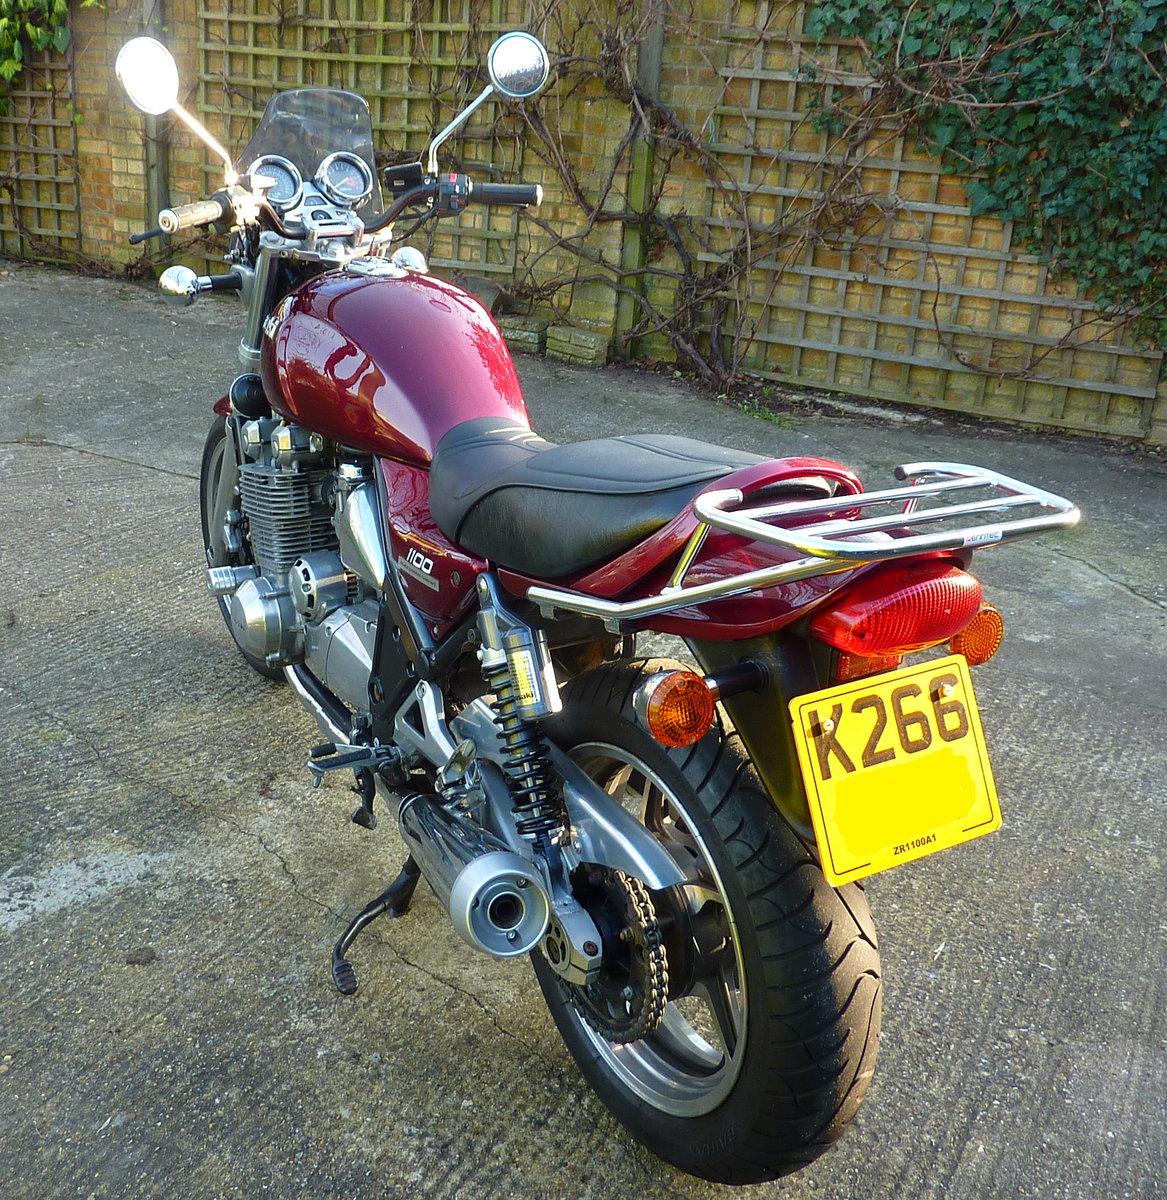 1993 Kawasaki Zephyr 1100 unique in Z1 style Deposit taken